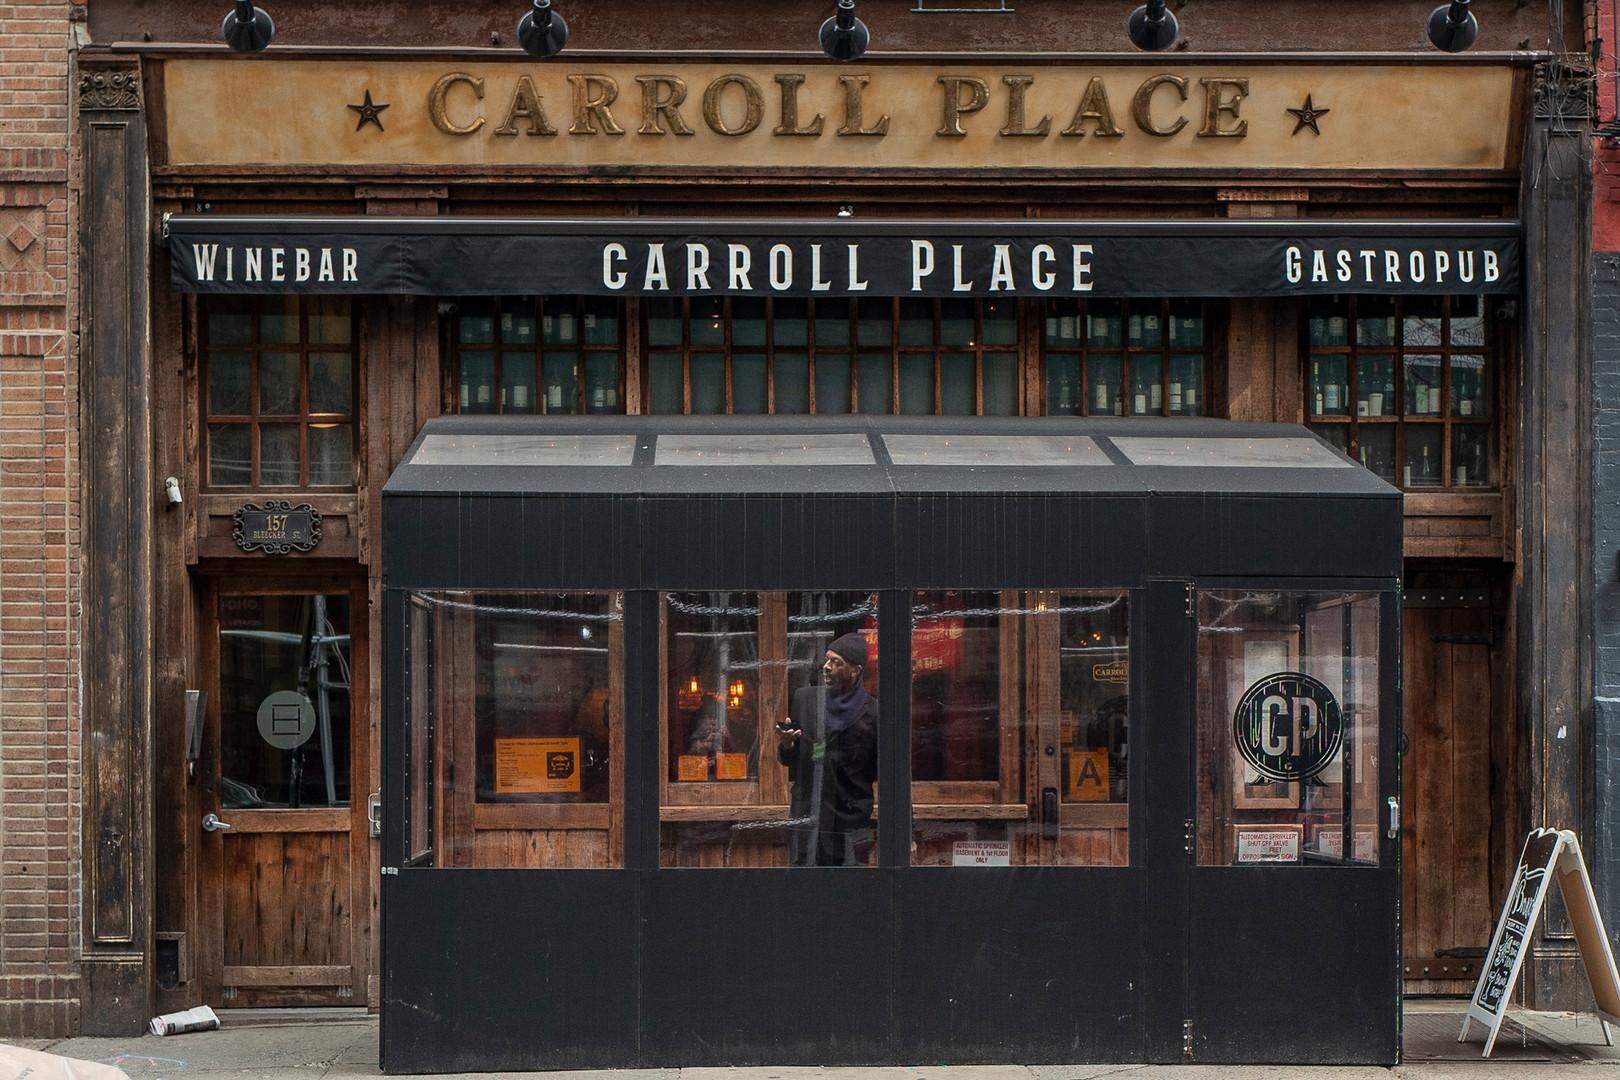 Caroll Place